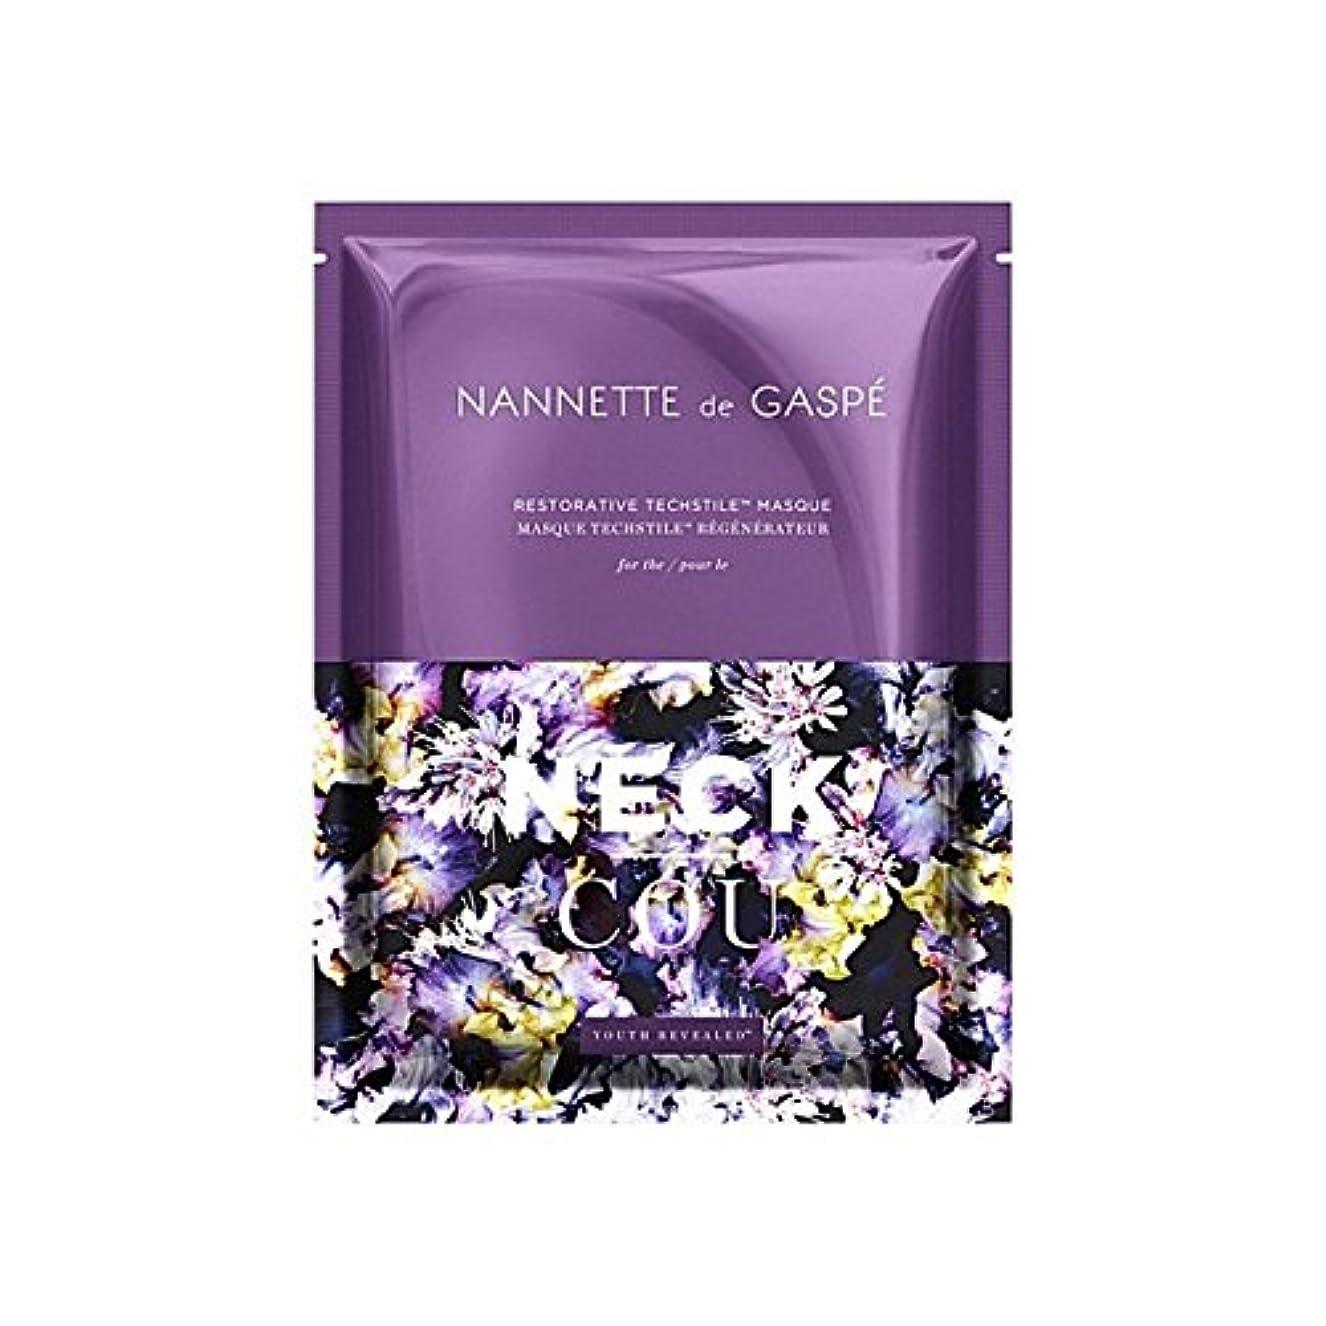 アンソロジー欠伸吸収剤デガスペ修復首の仮面劇 x2 - Nannette De Gaspe Restorative Techstile Neck Masque (Pack of 2) [並行輸入品]